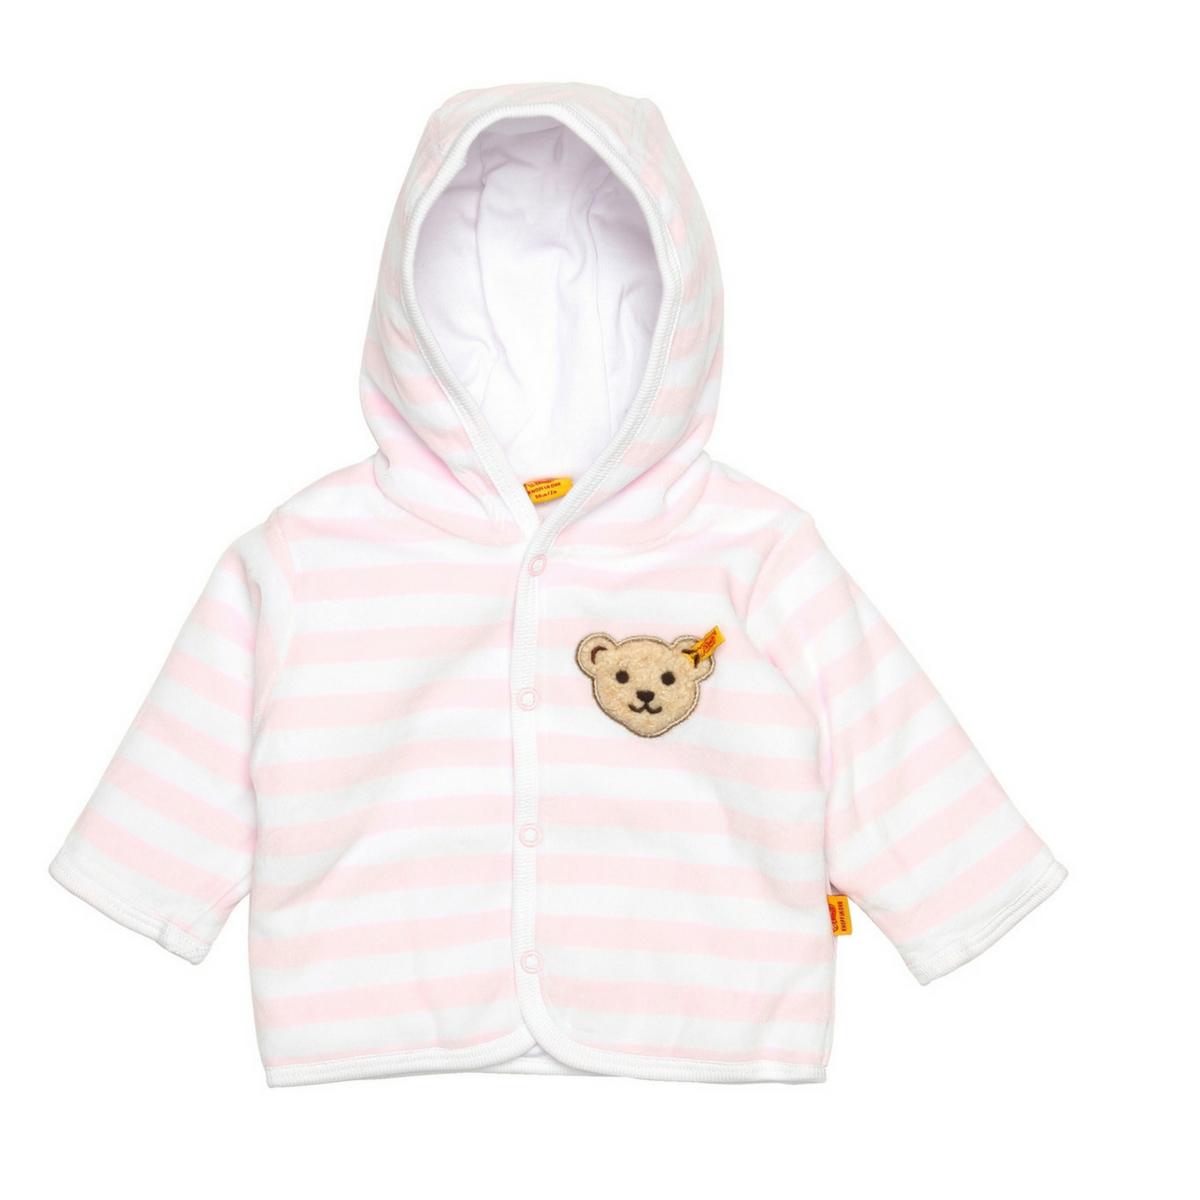 Baby Erstausstattung Strickjacke Jacke rosa blau weiß